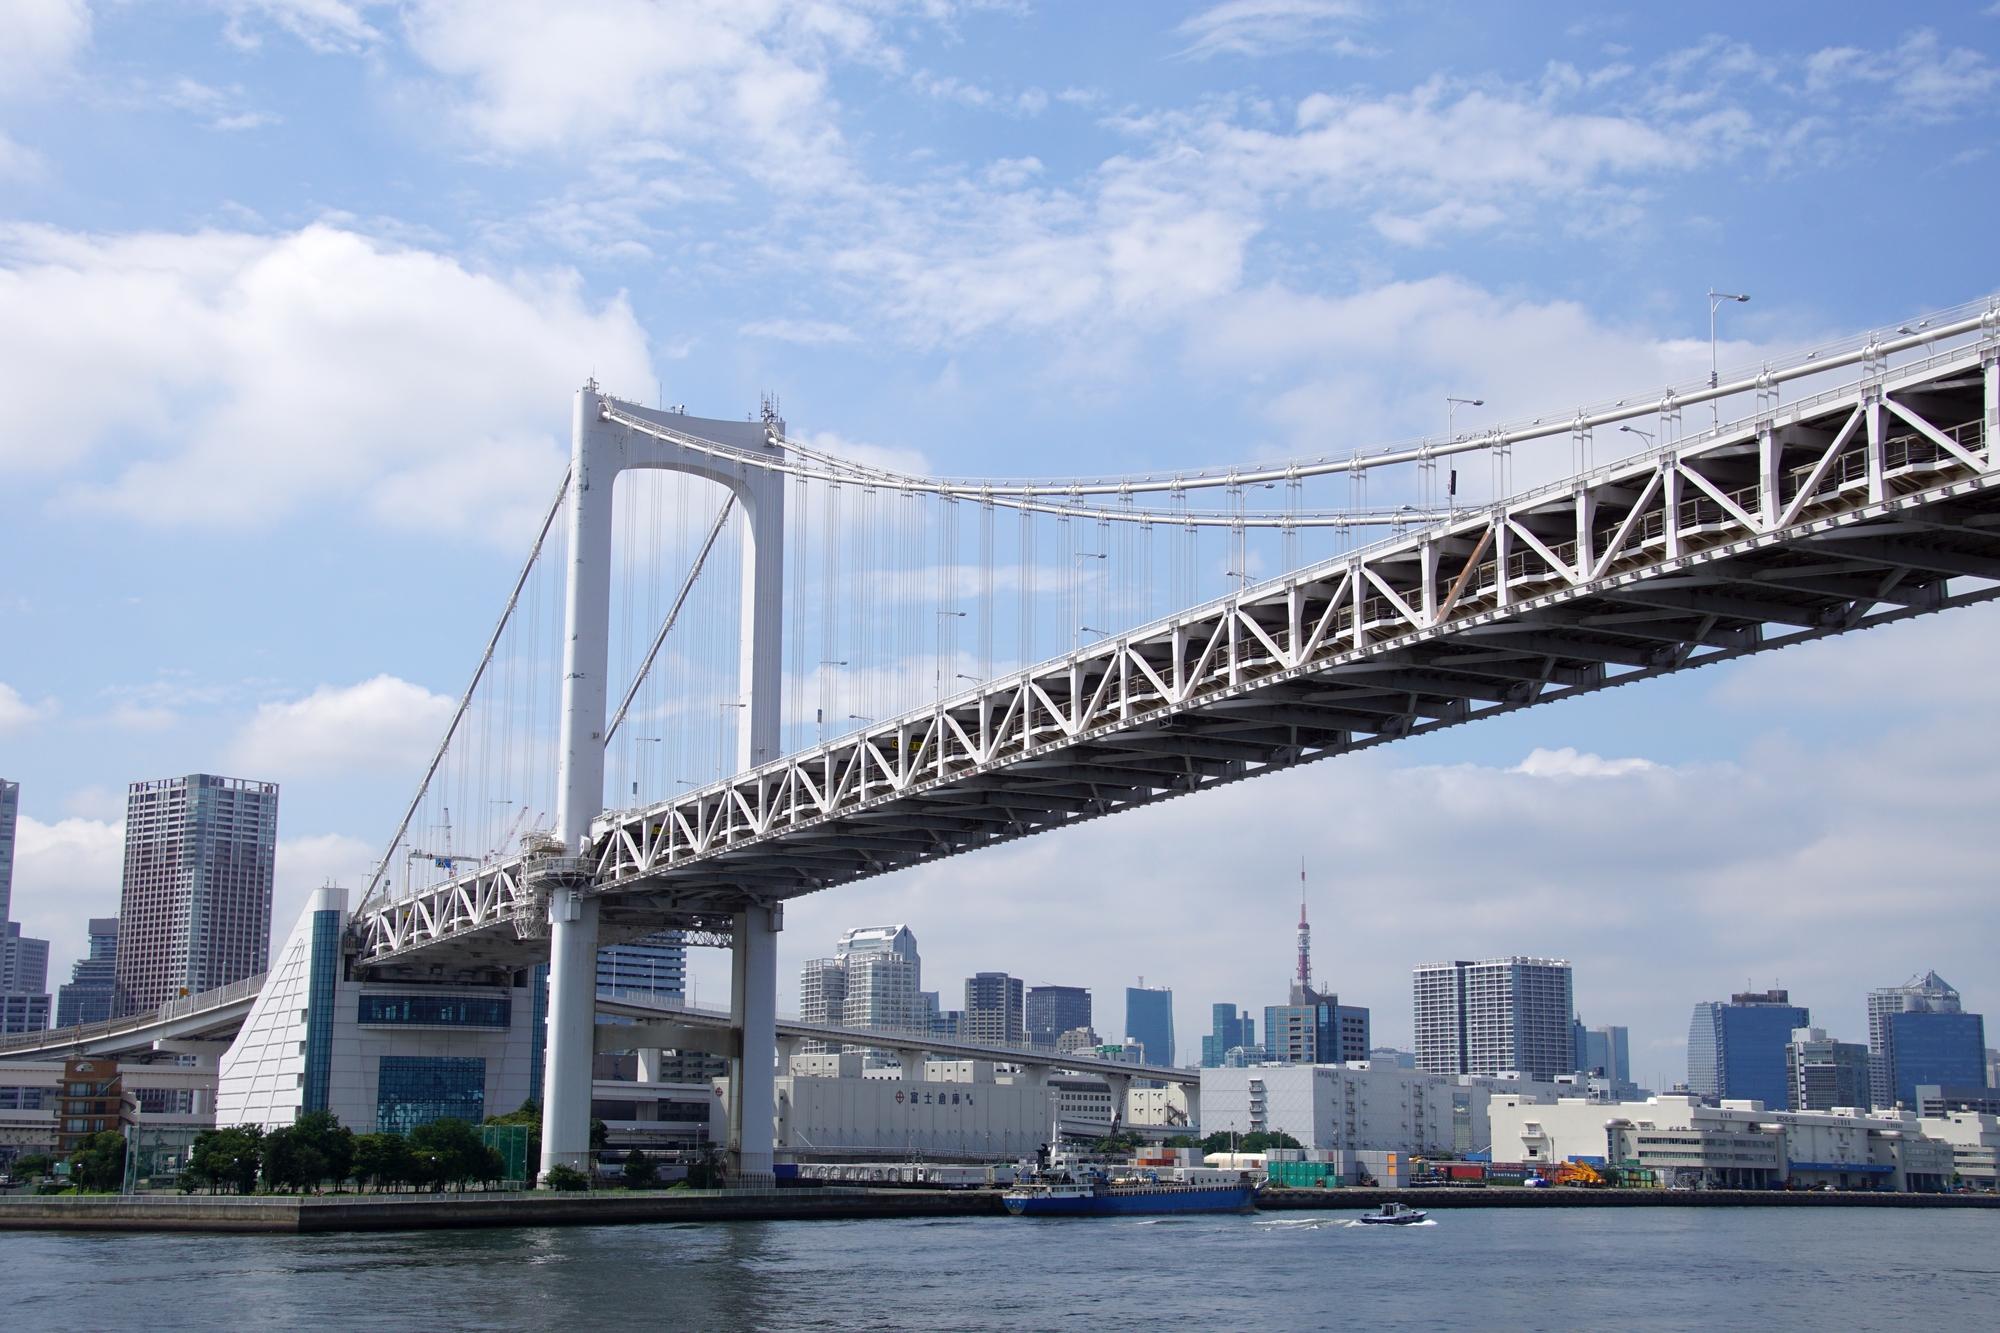 東京湾から見るレインボーブリッジや都会の街並み